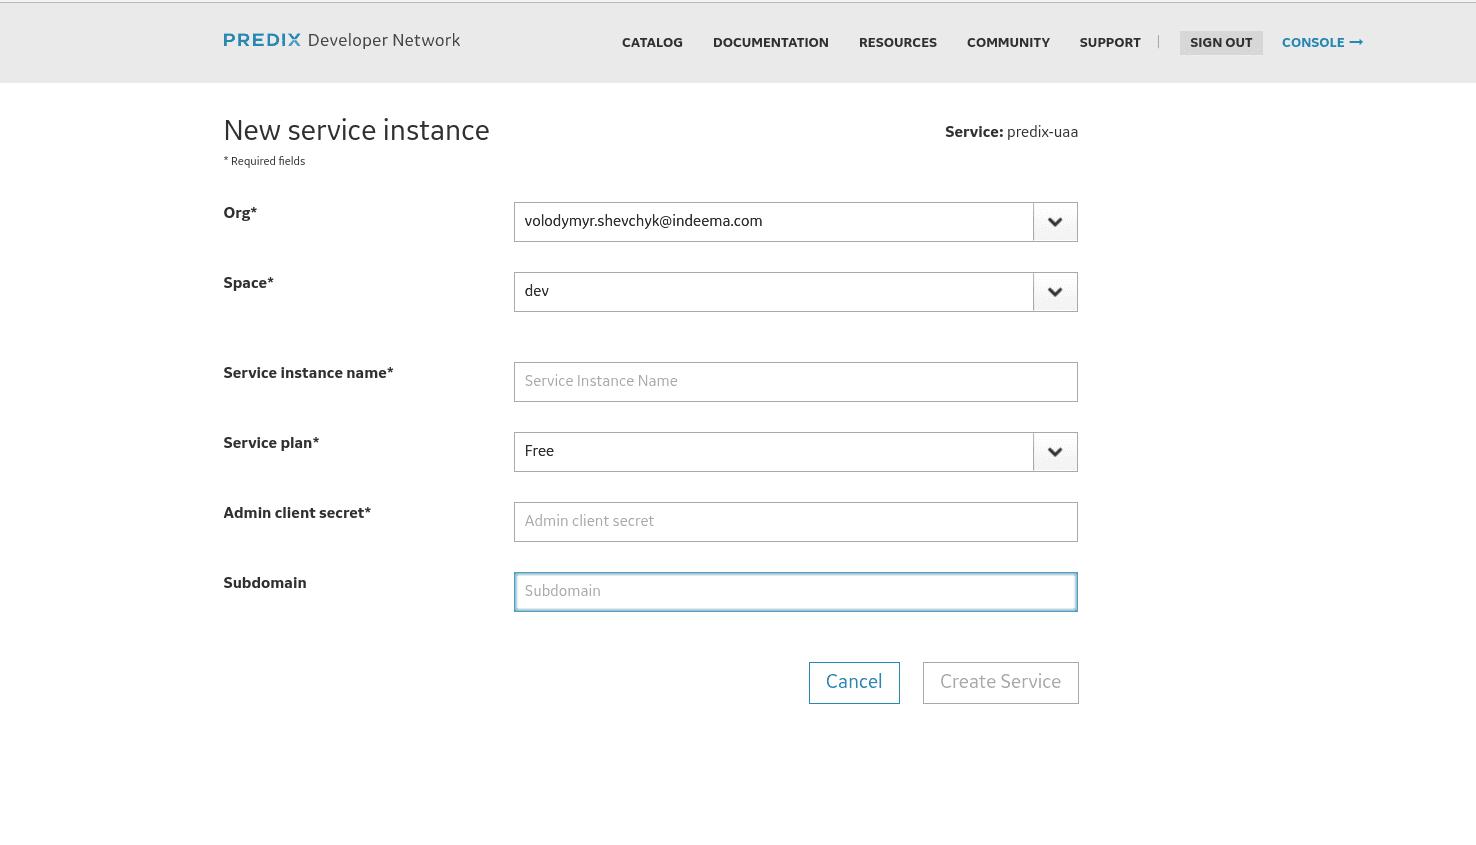 New service instance Predix